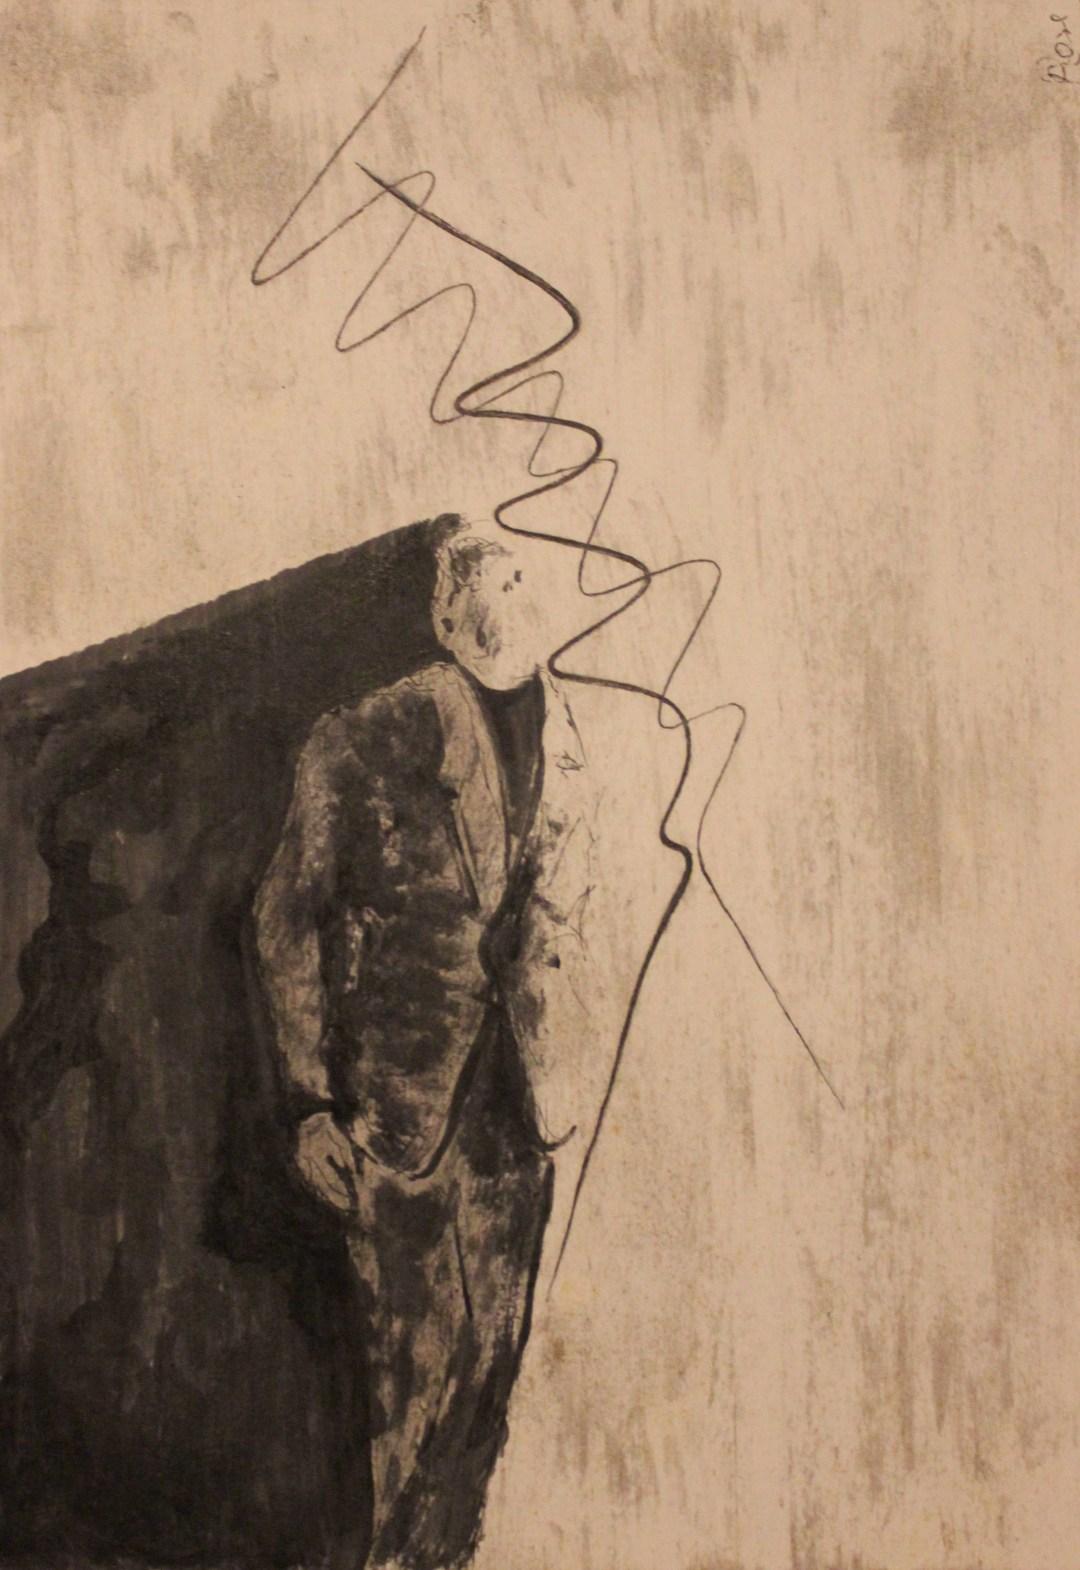 Çizim: Yazgı R.